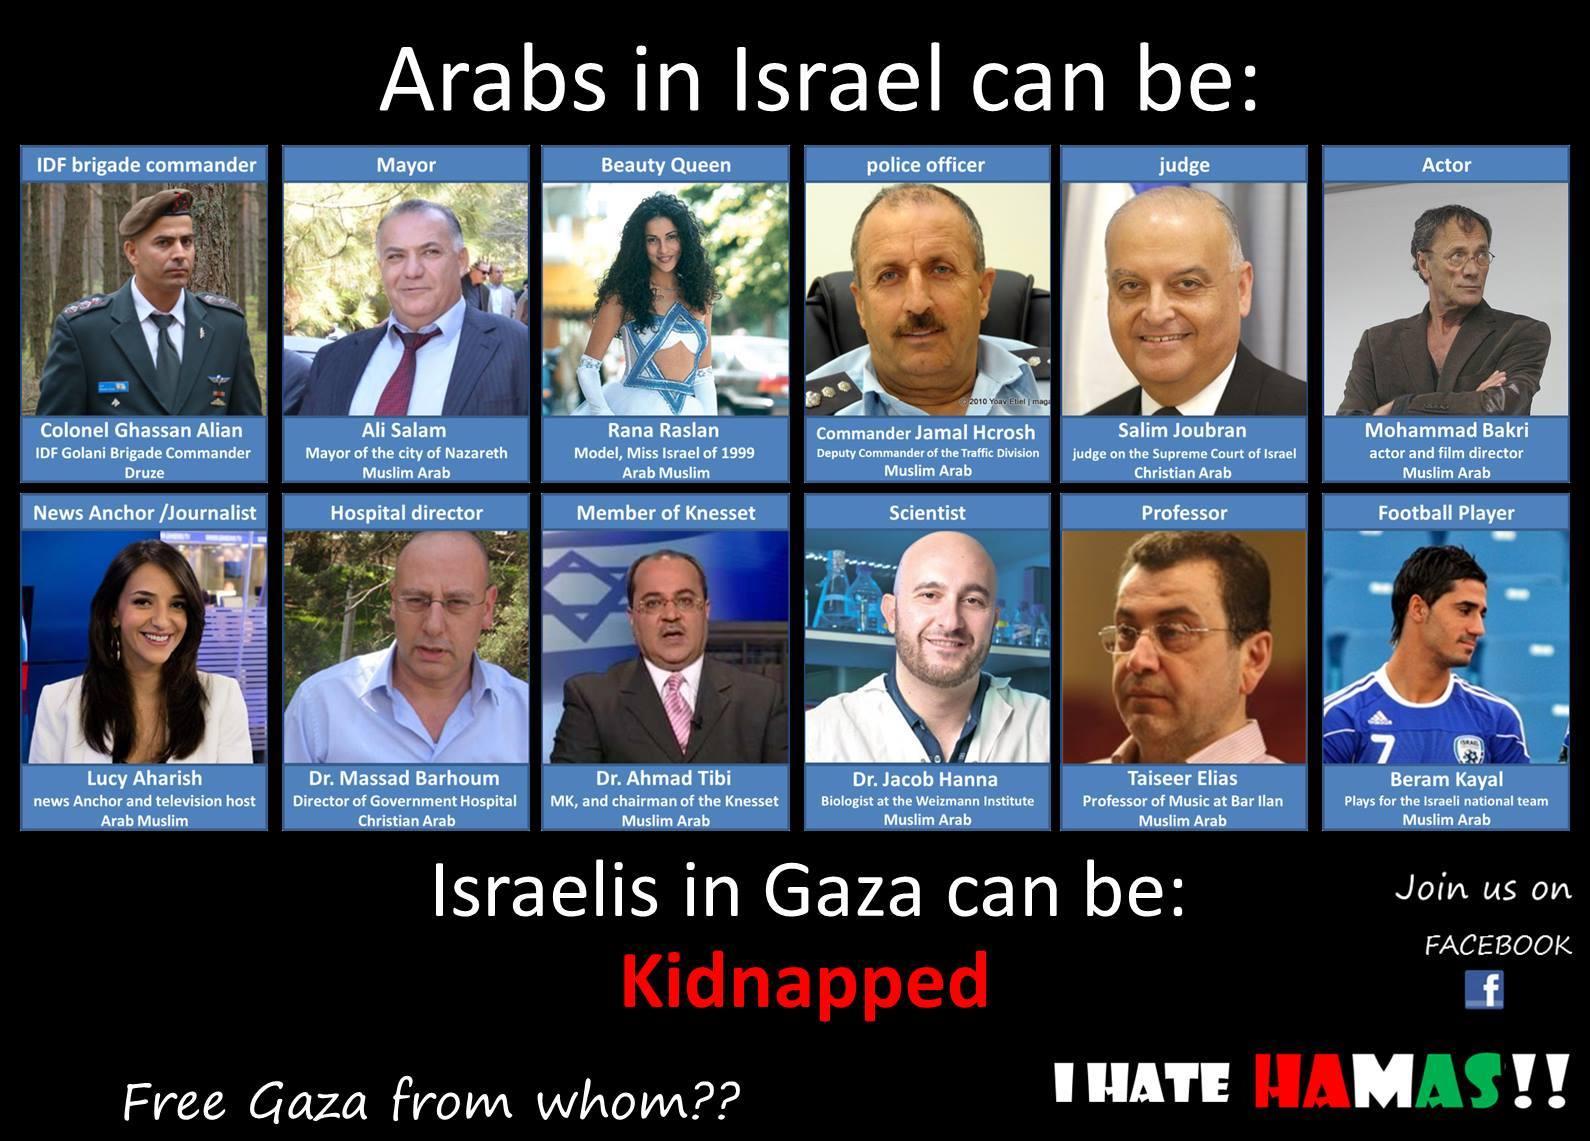 arabs-in-israel-israelis-in-gaza